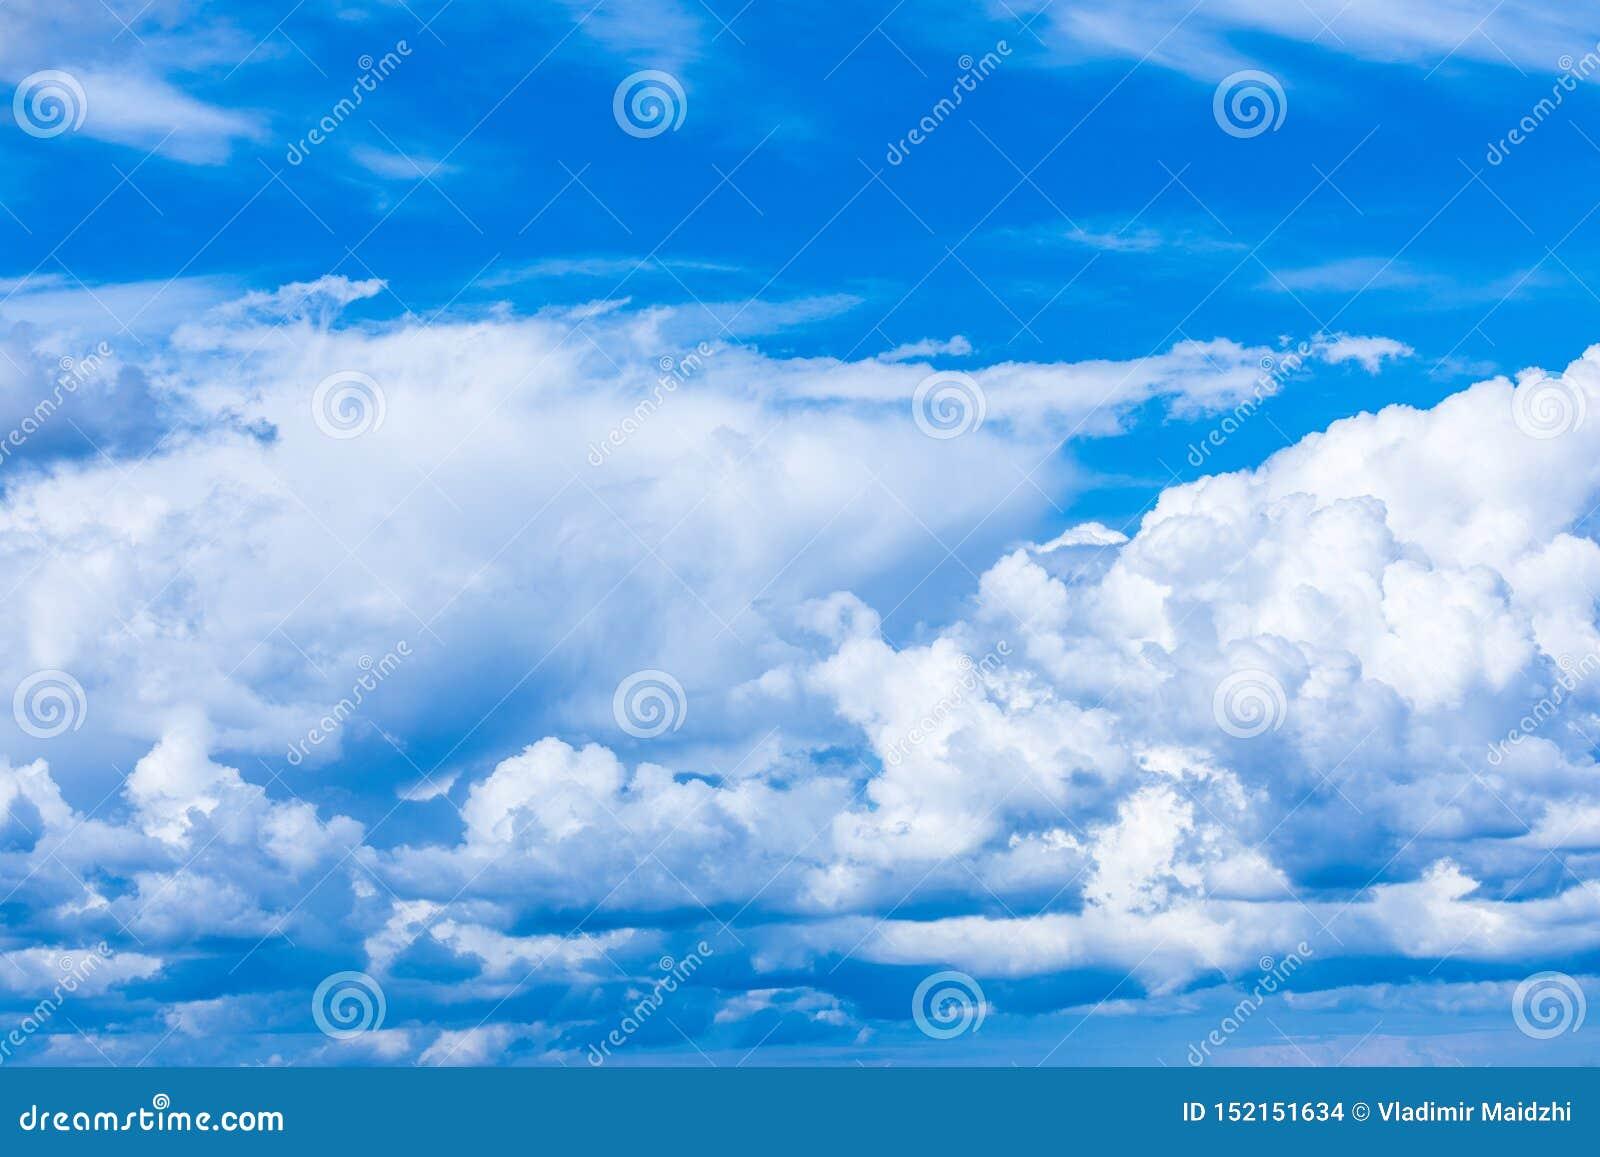 El fondo vivo del cielo o del cielo con las nubes blancas bajo rayos del sol